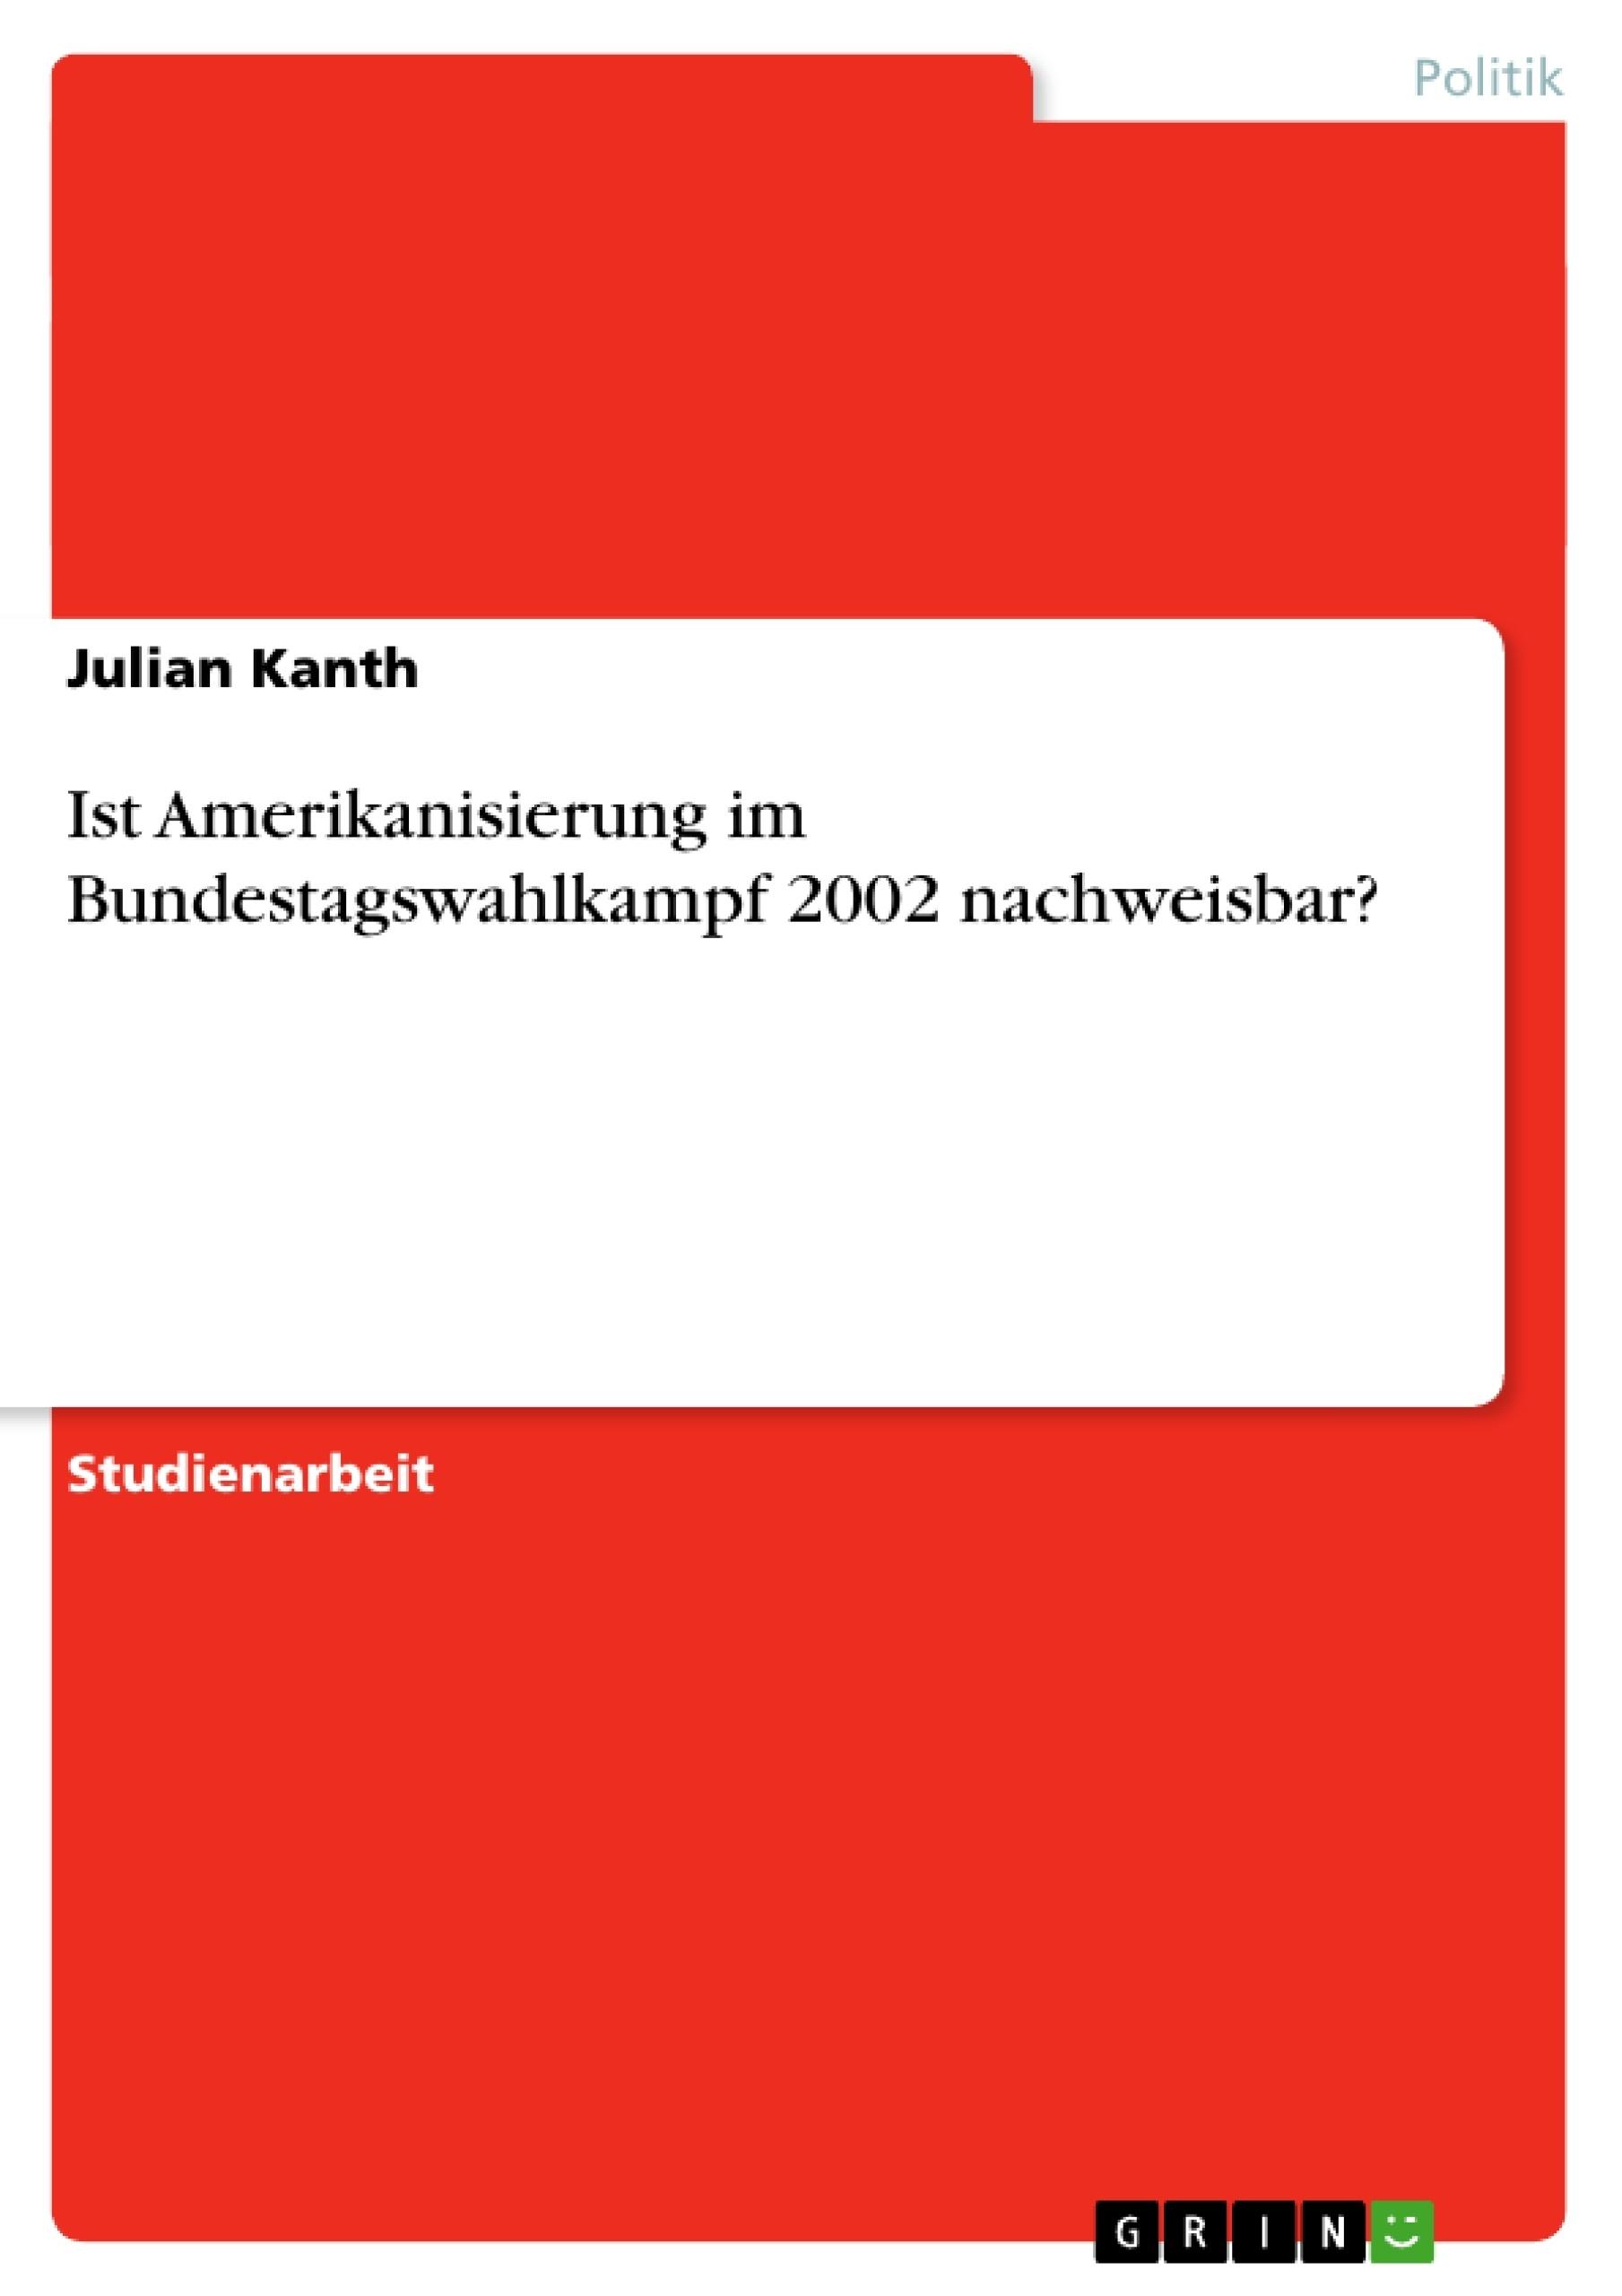 Titel: Ist Amerikanisierung im Bundestagswahlkampf 2002 nachweisbar?